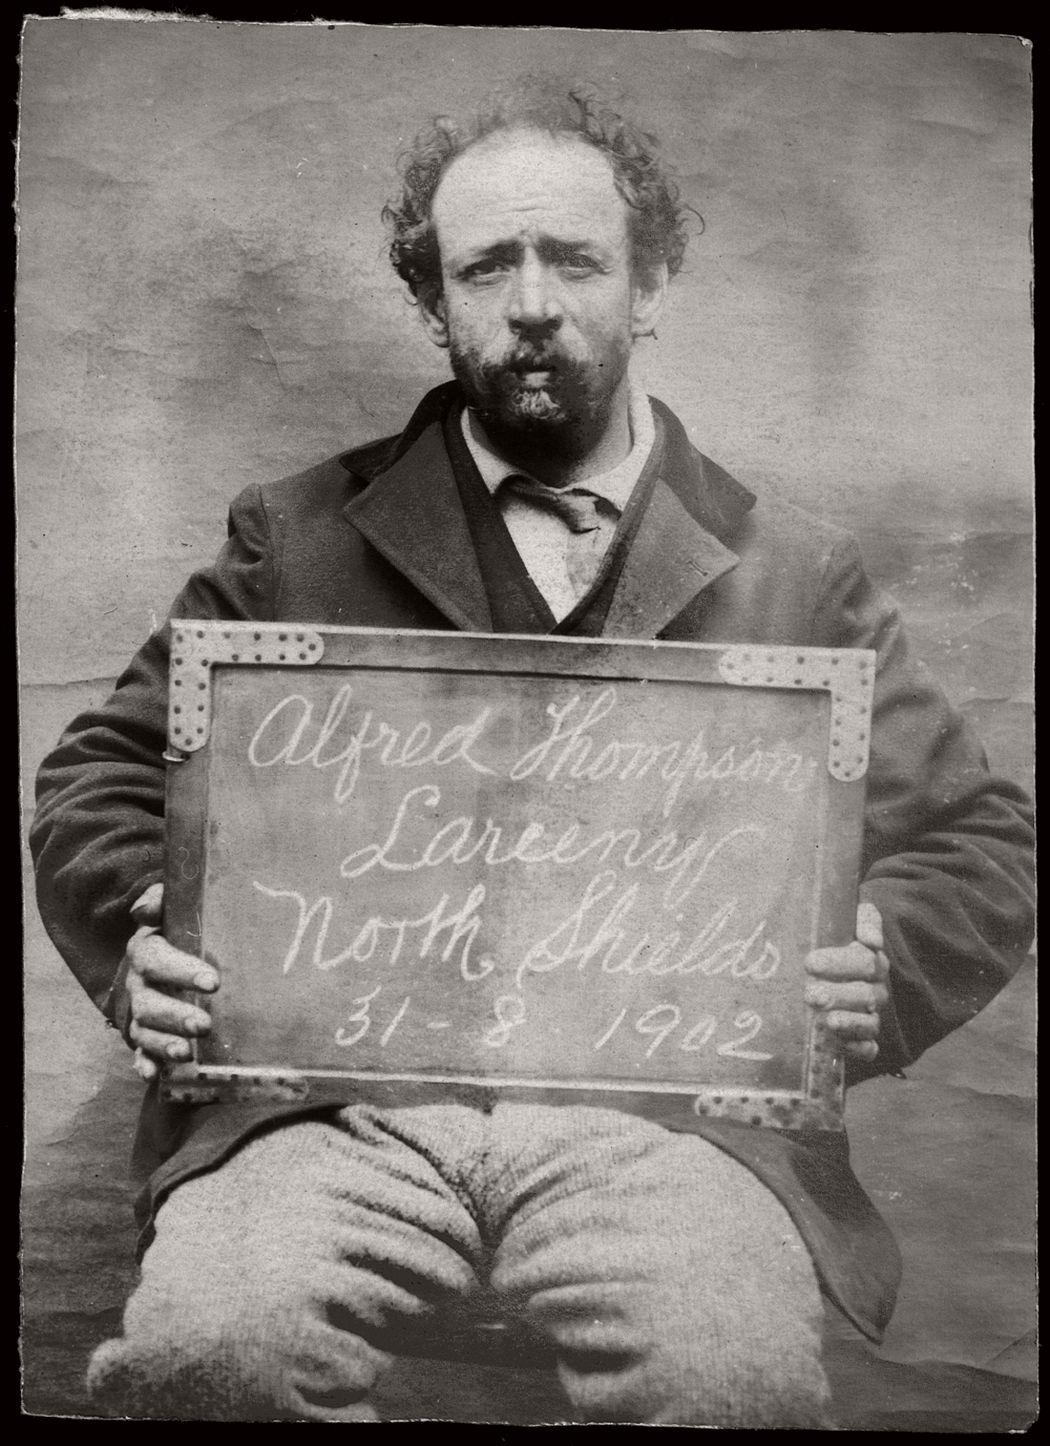 vintage-mug-shot-of-criminals-from-north-shields-1902-1905-11